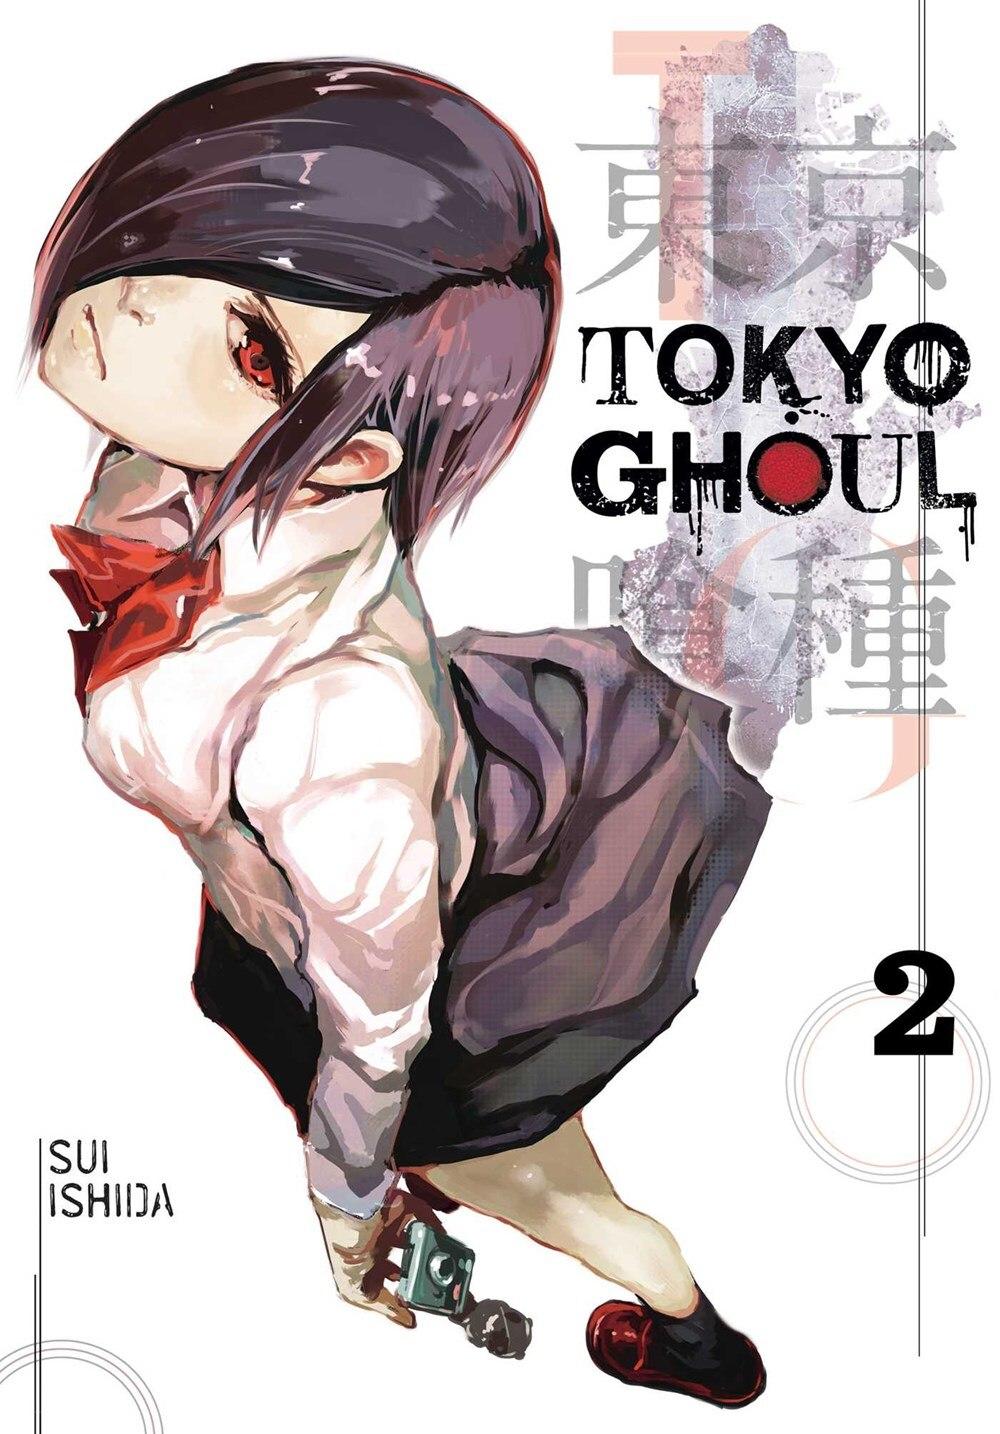 Tokyo Ghoul  Vol. 2  2